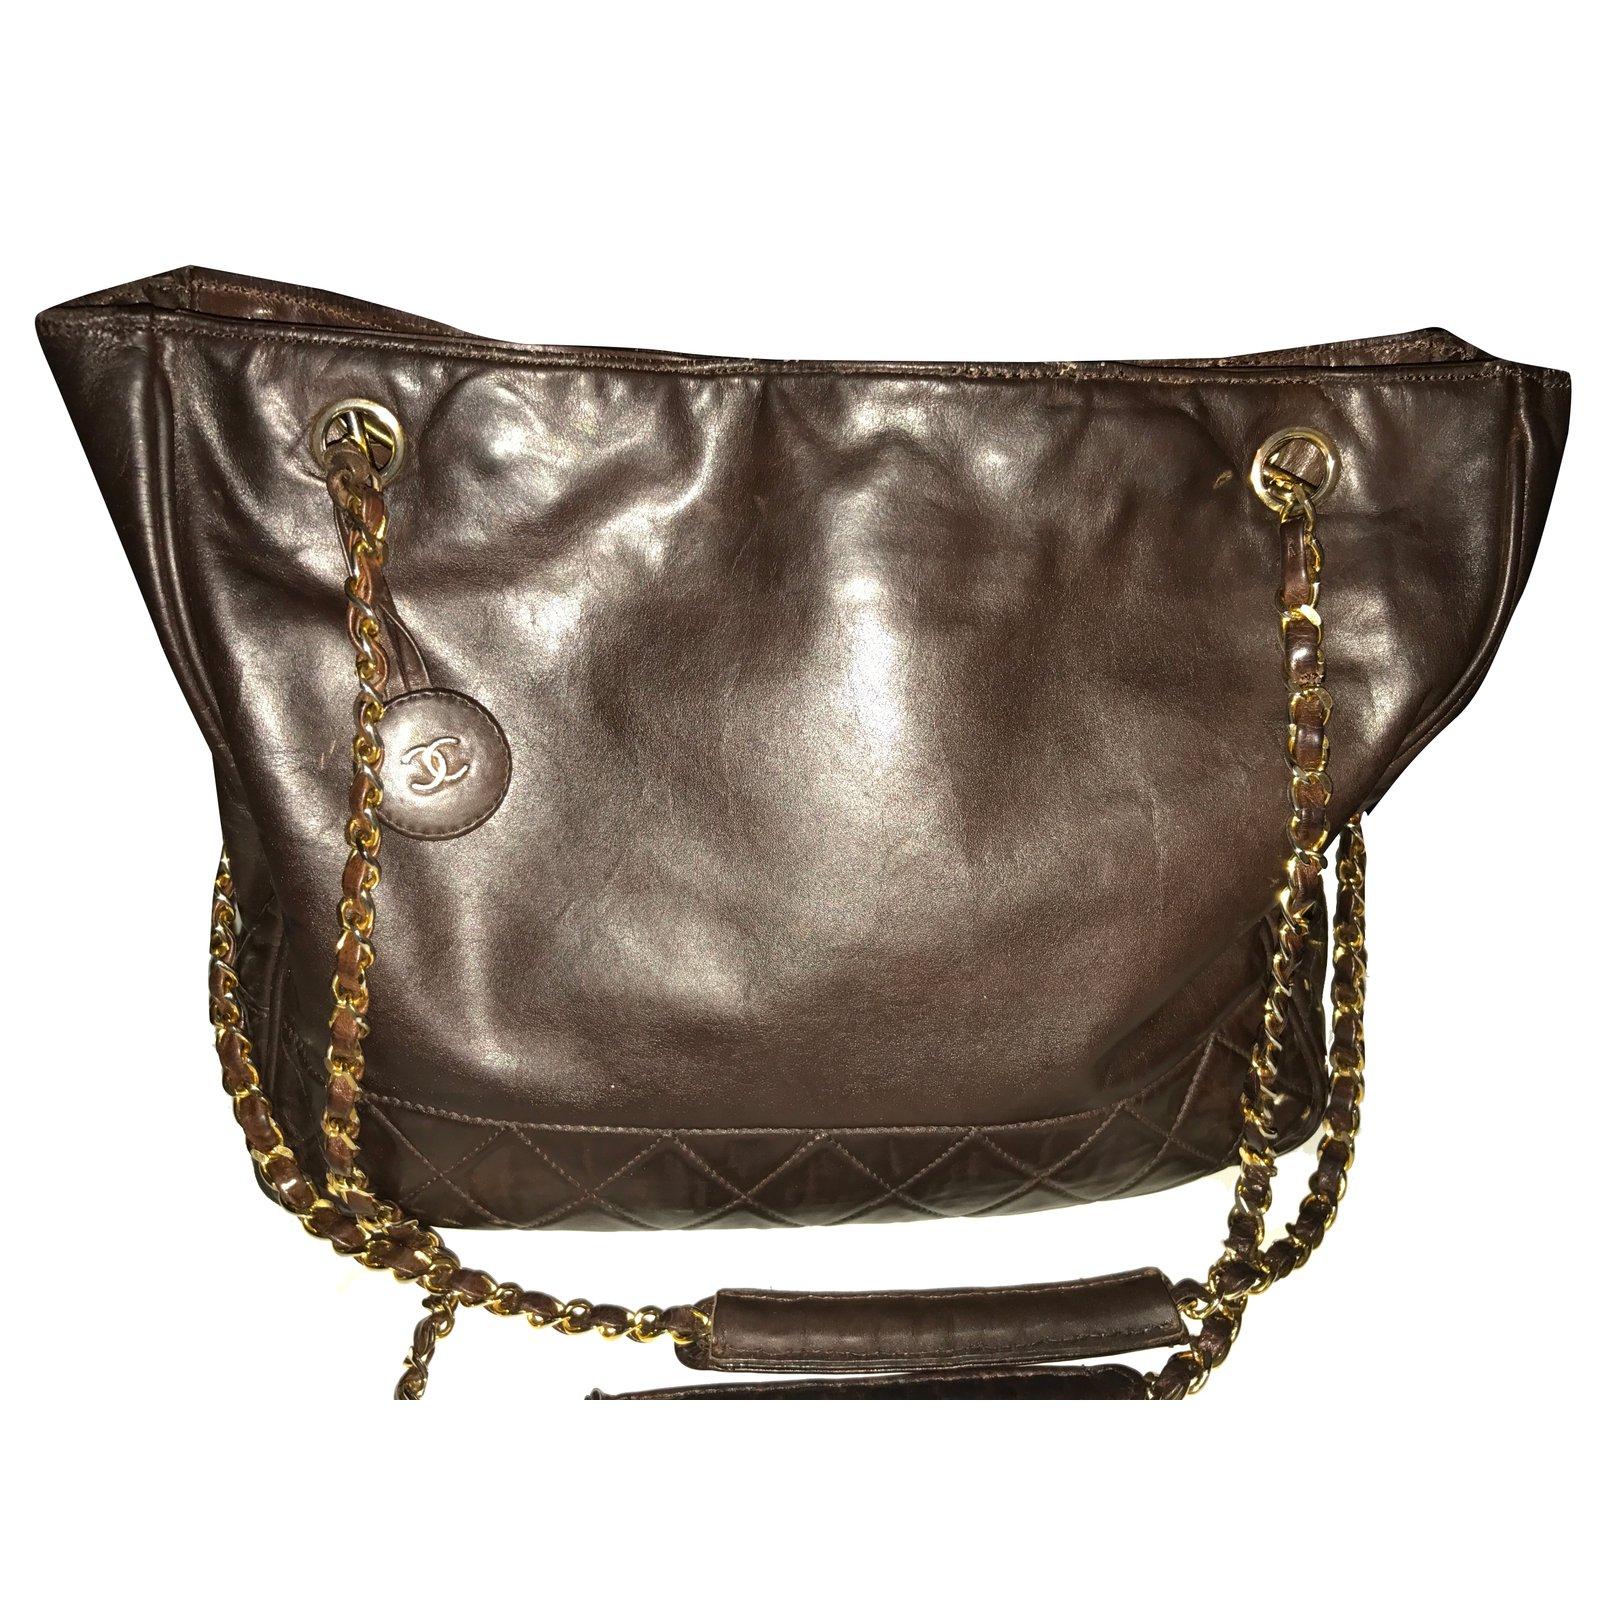 2a400e5ab3340 Sacs à main Chanel Sac shopping Cuir Marron ref.28624 - Joli Closet